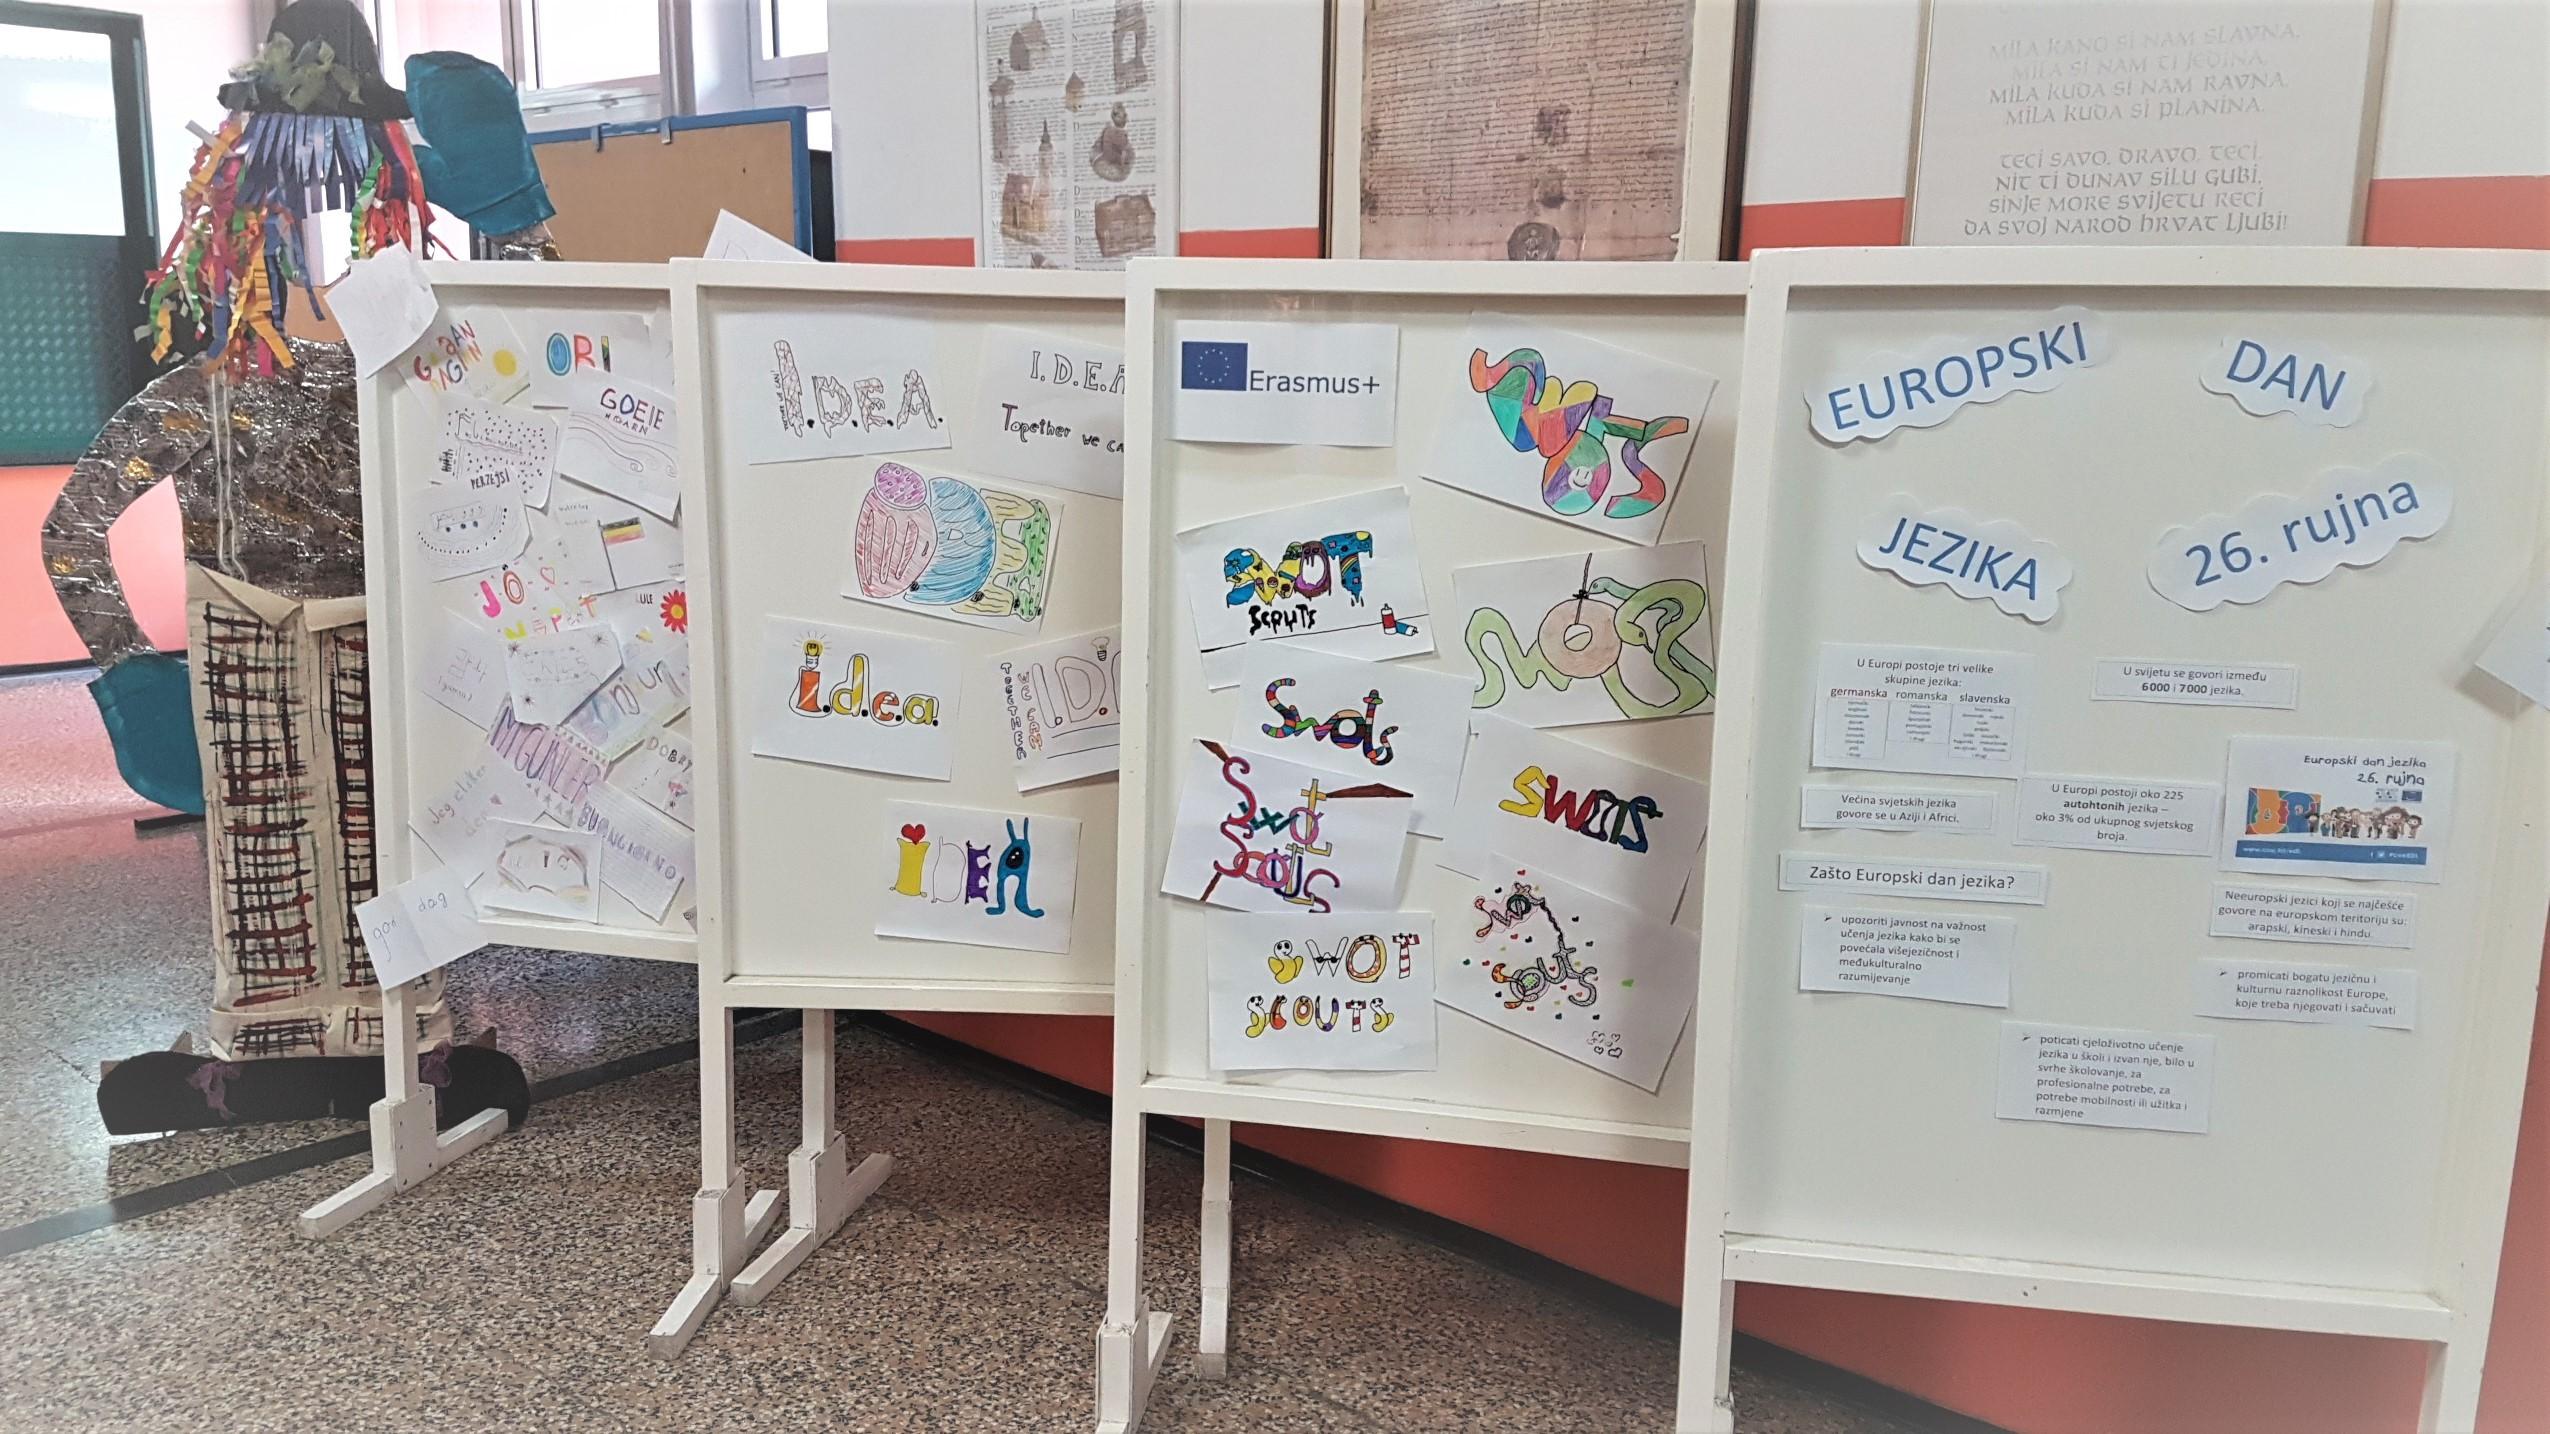 Calendario 2019 Granada Más Arriba-a-fecha European Day Of Languages events events Database